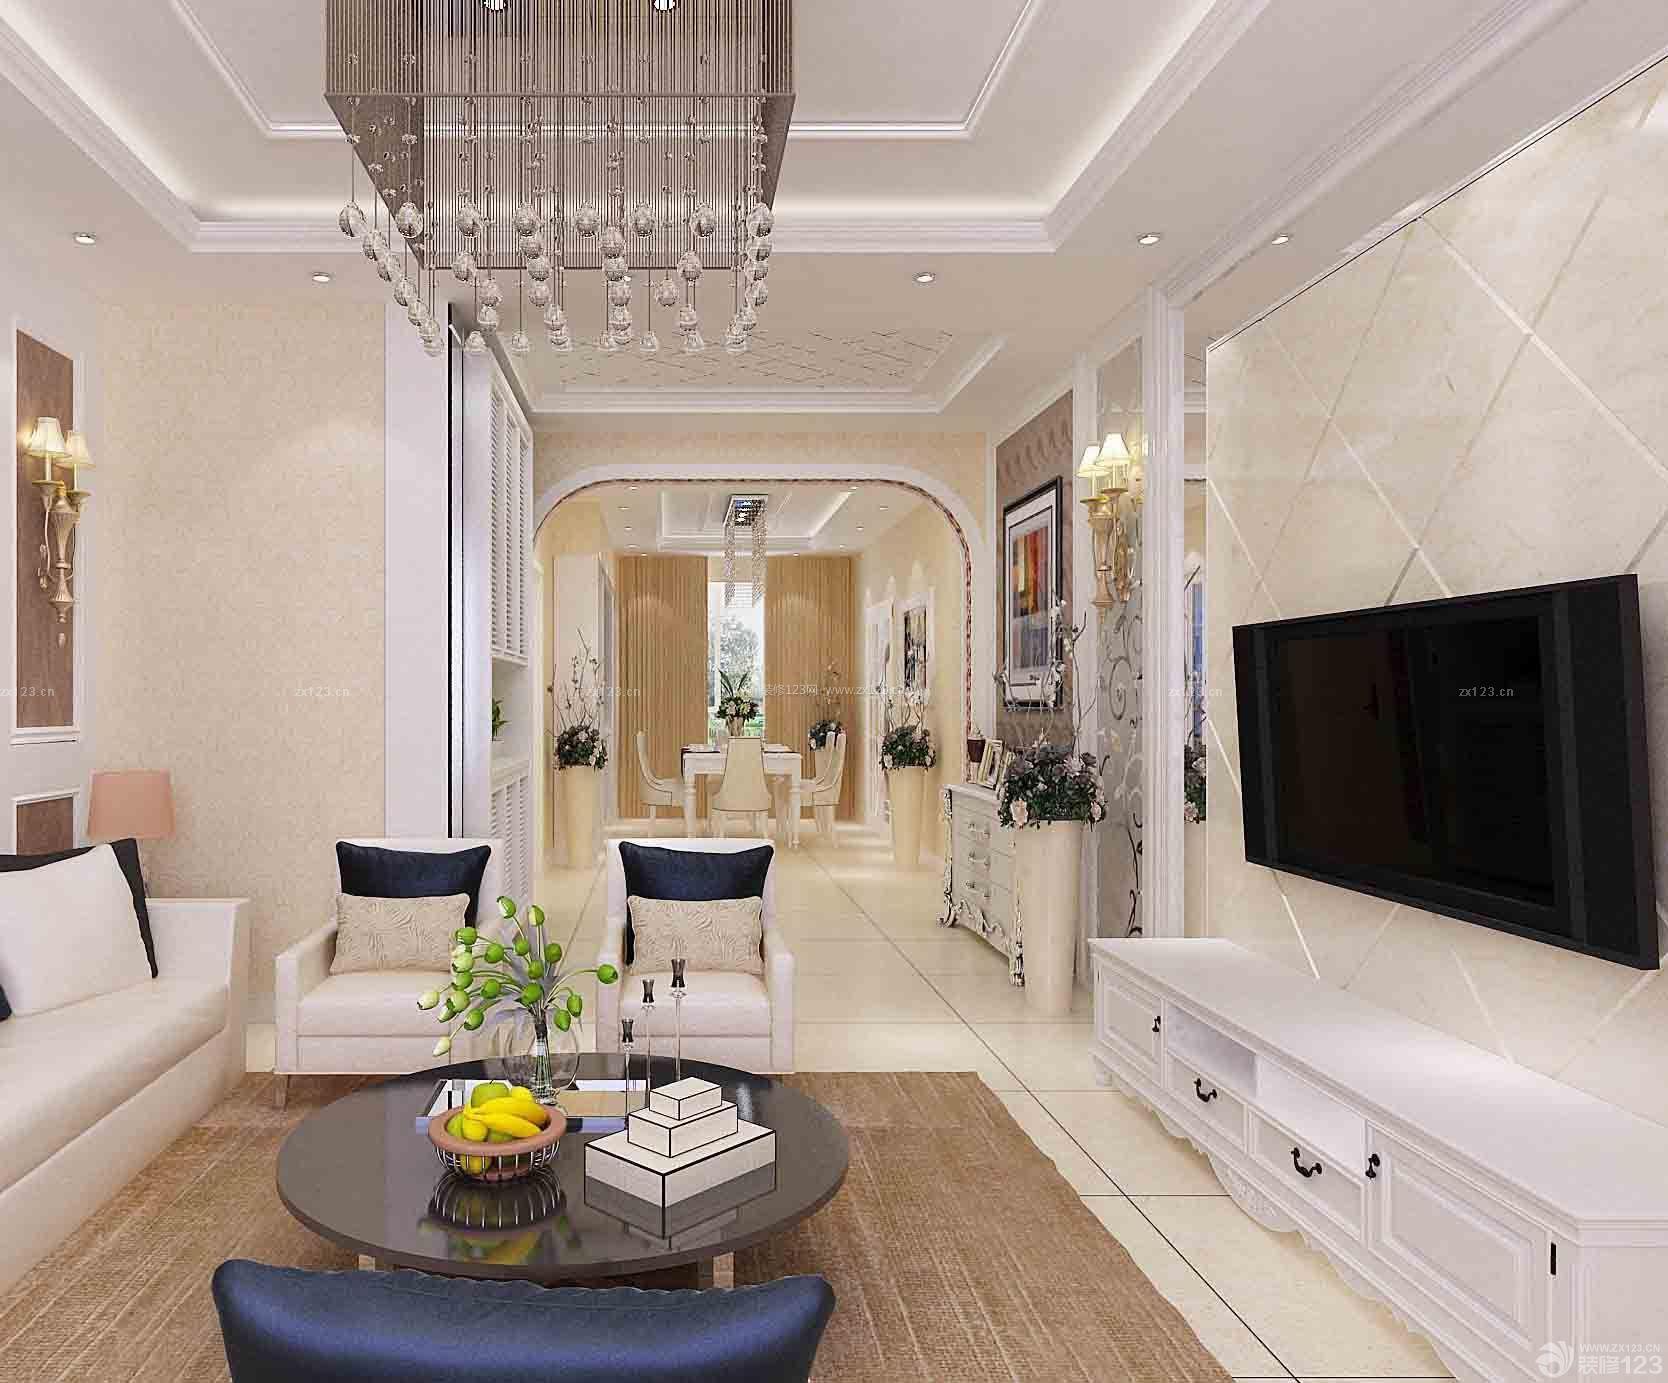 现代美式风格三室一厅一卫90平米房屋装修效果图图片